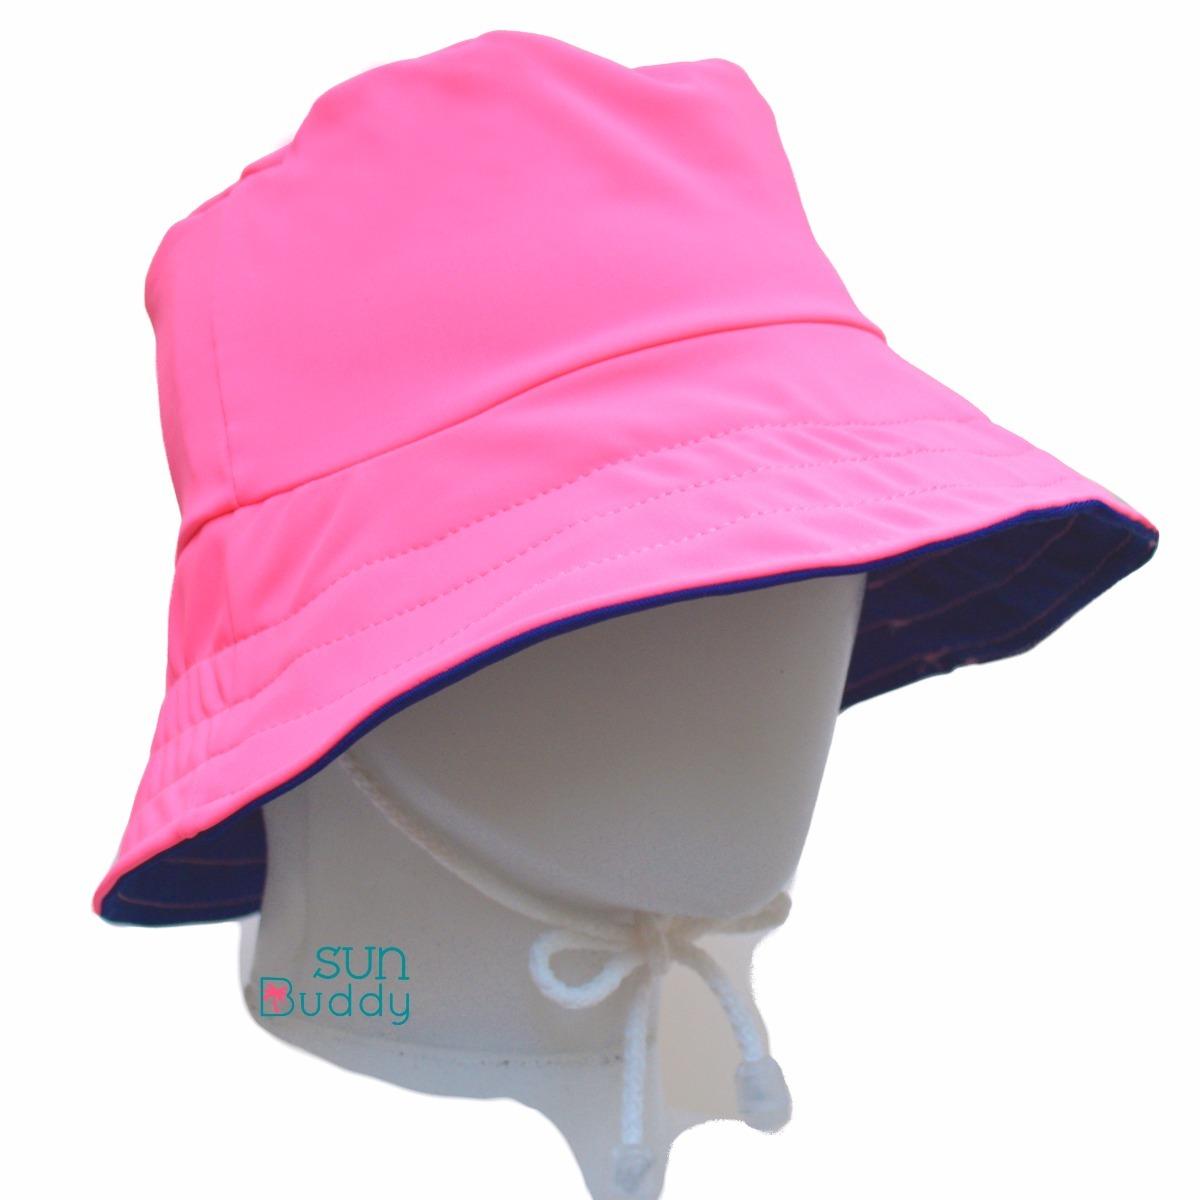 ee9a37b213f6c gorro sombrero piluso protecciónuv sol playa pileta mar bebe. Cargando zoom.